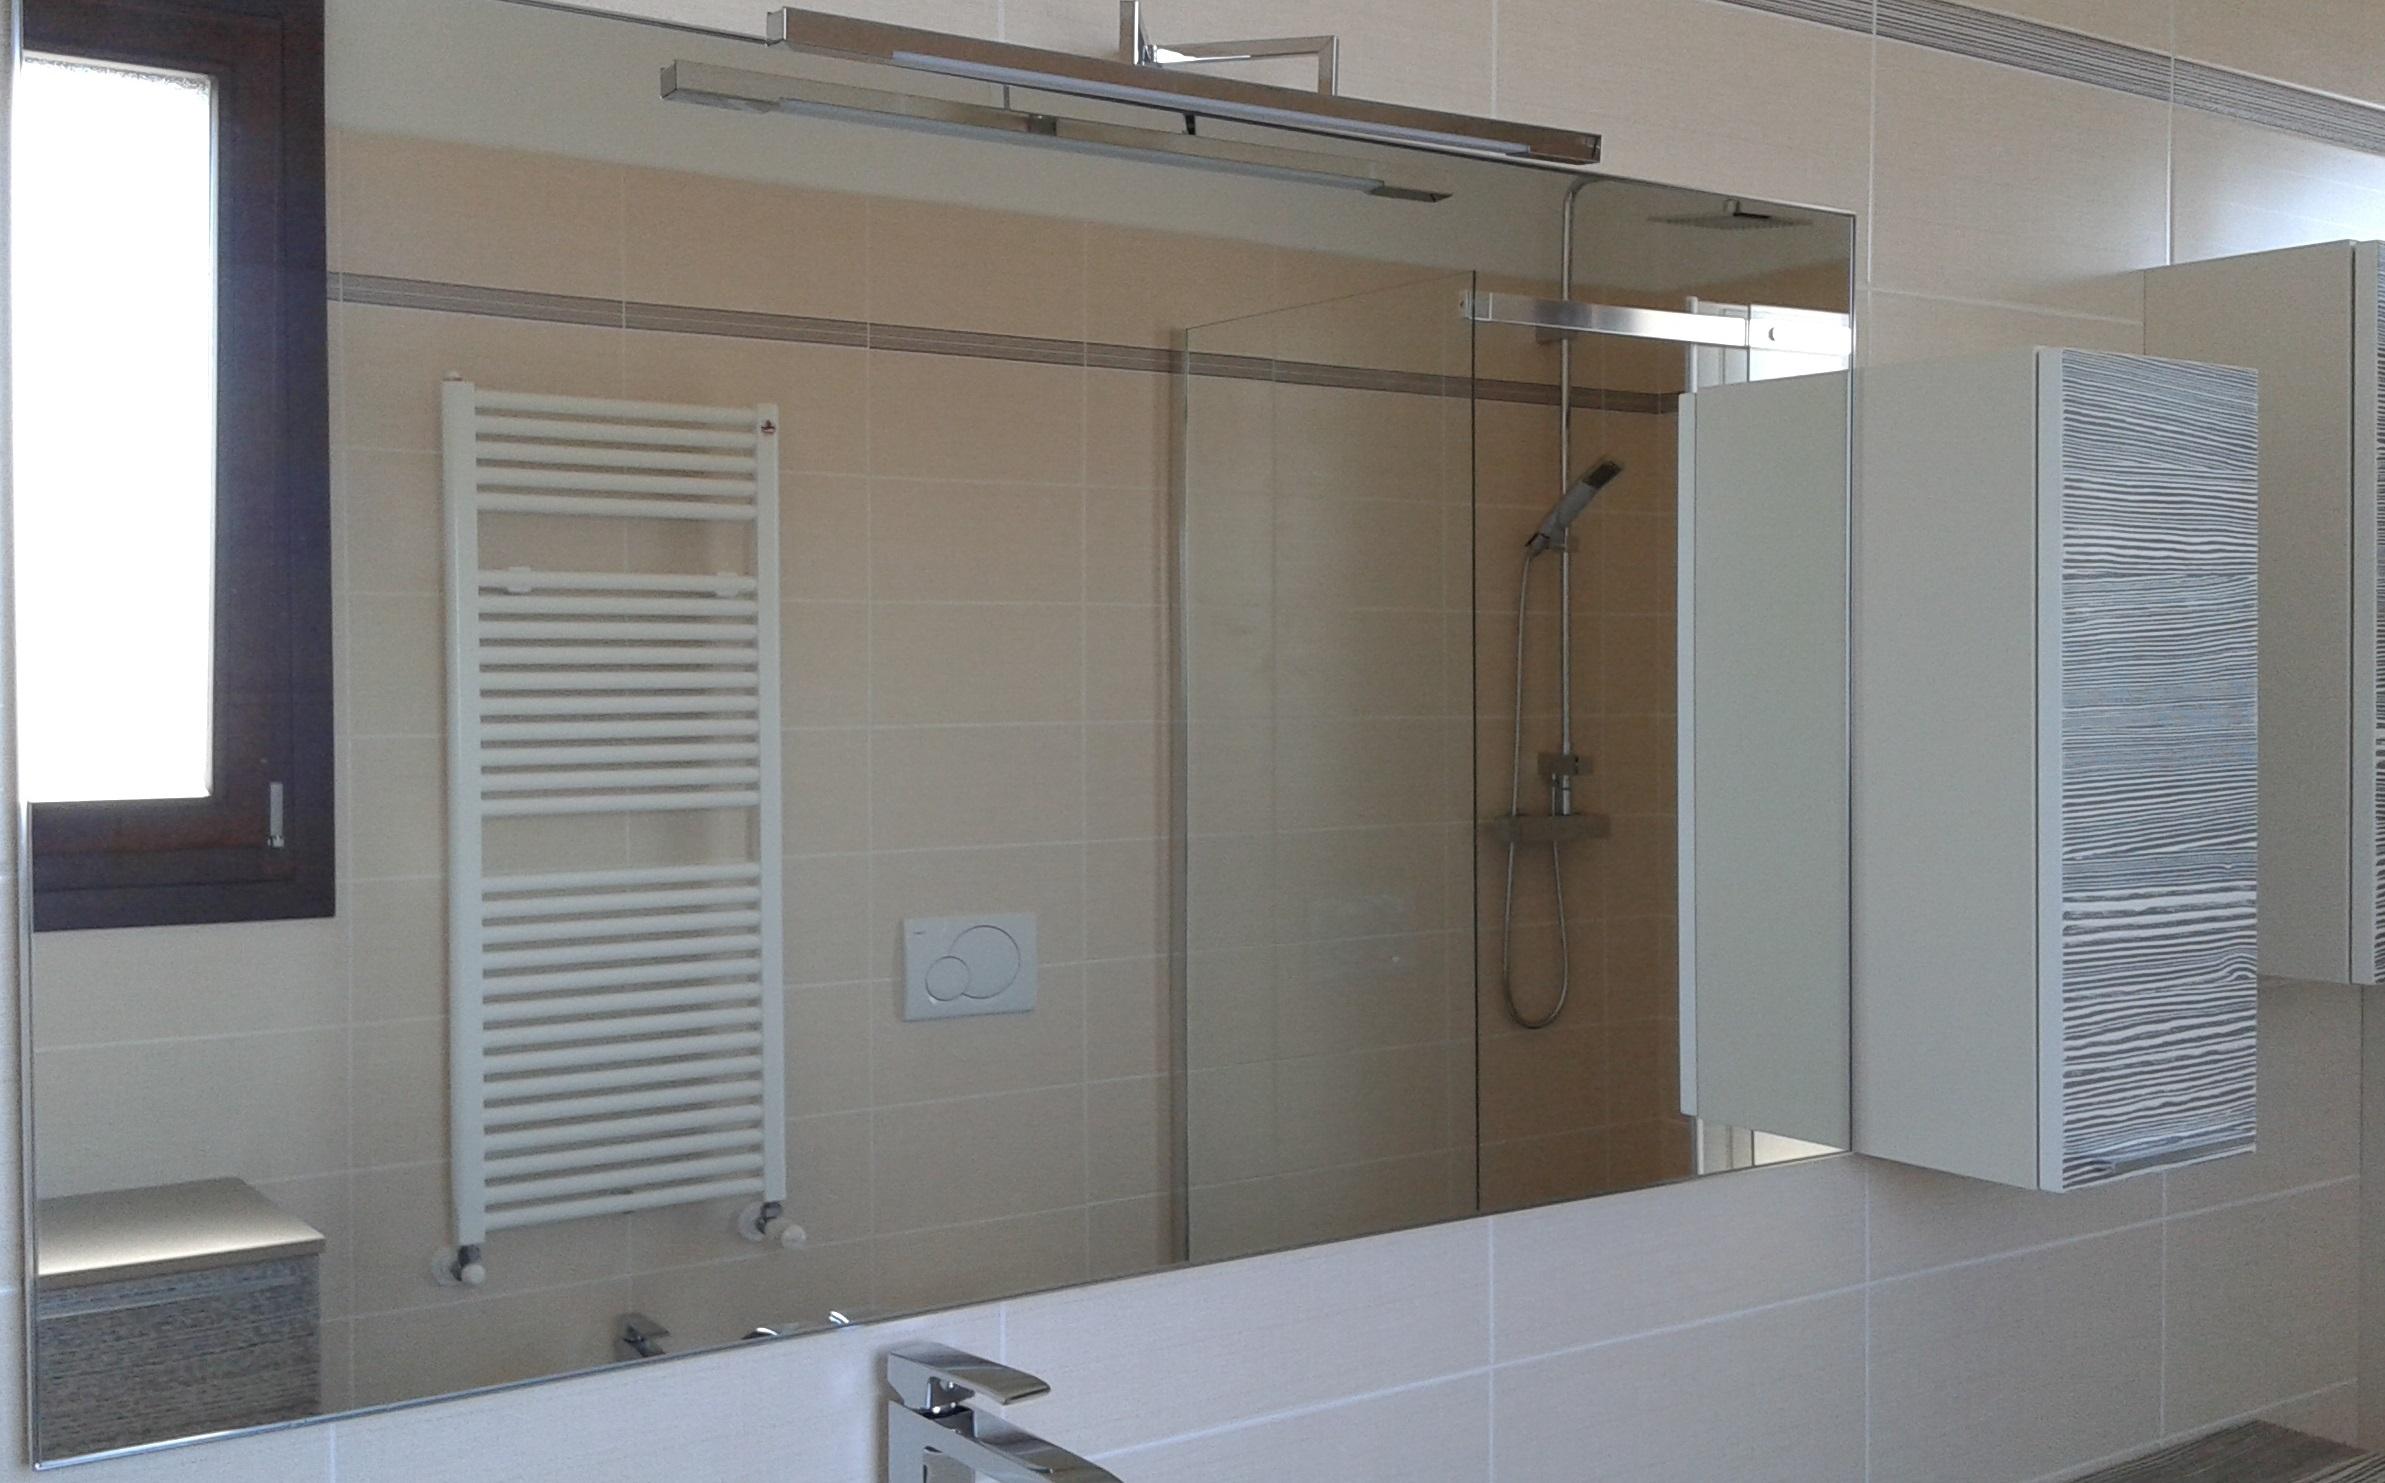 Arredo bagno completo arredo bagno a prezzi scontati - Smalto piastrelle bagno ...